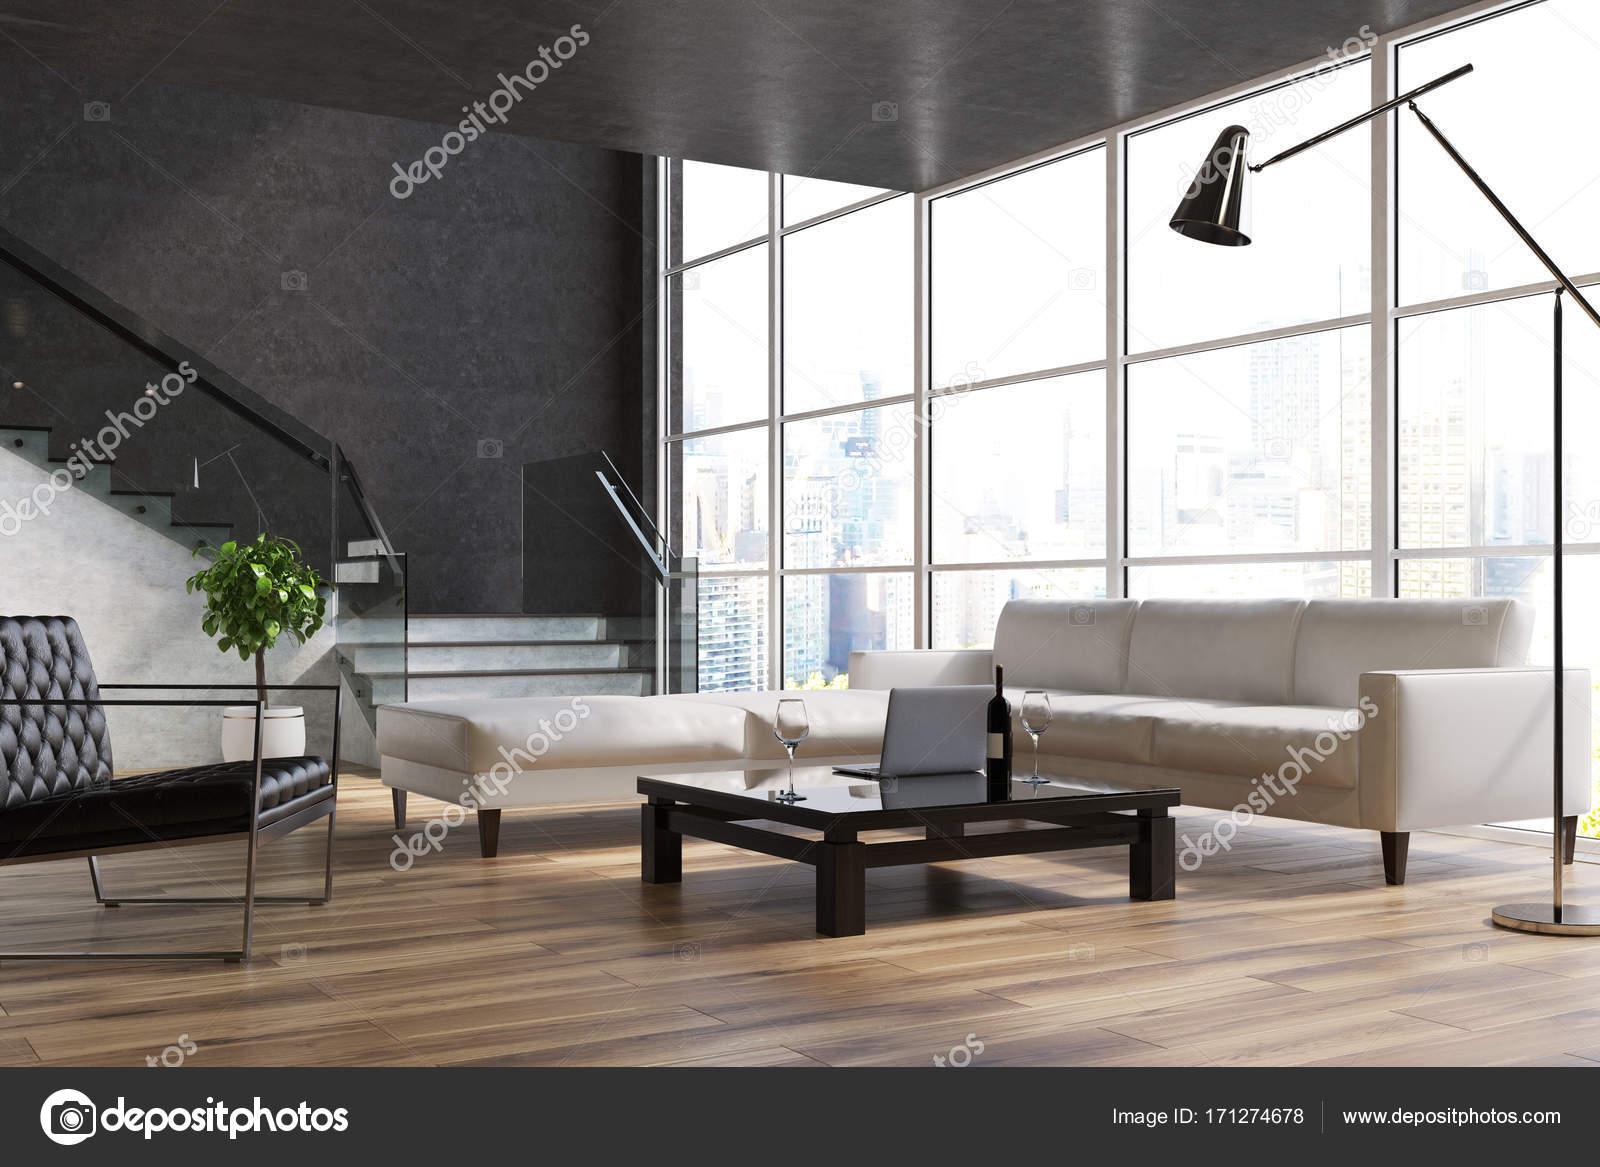 Uberlegen Schwarz, Wohnzimmer, Treppen, Sofas U2014 Stockfoto